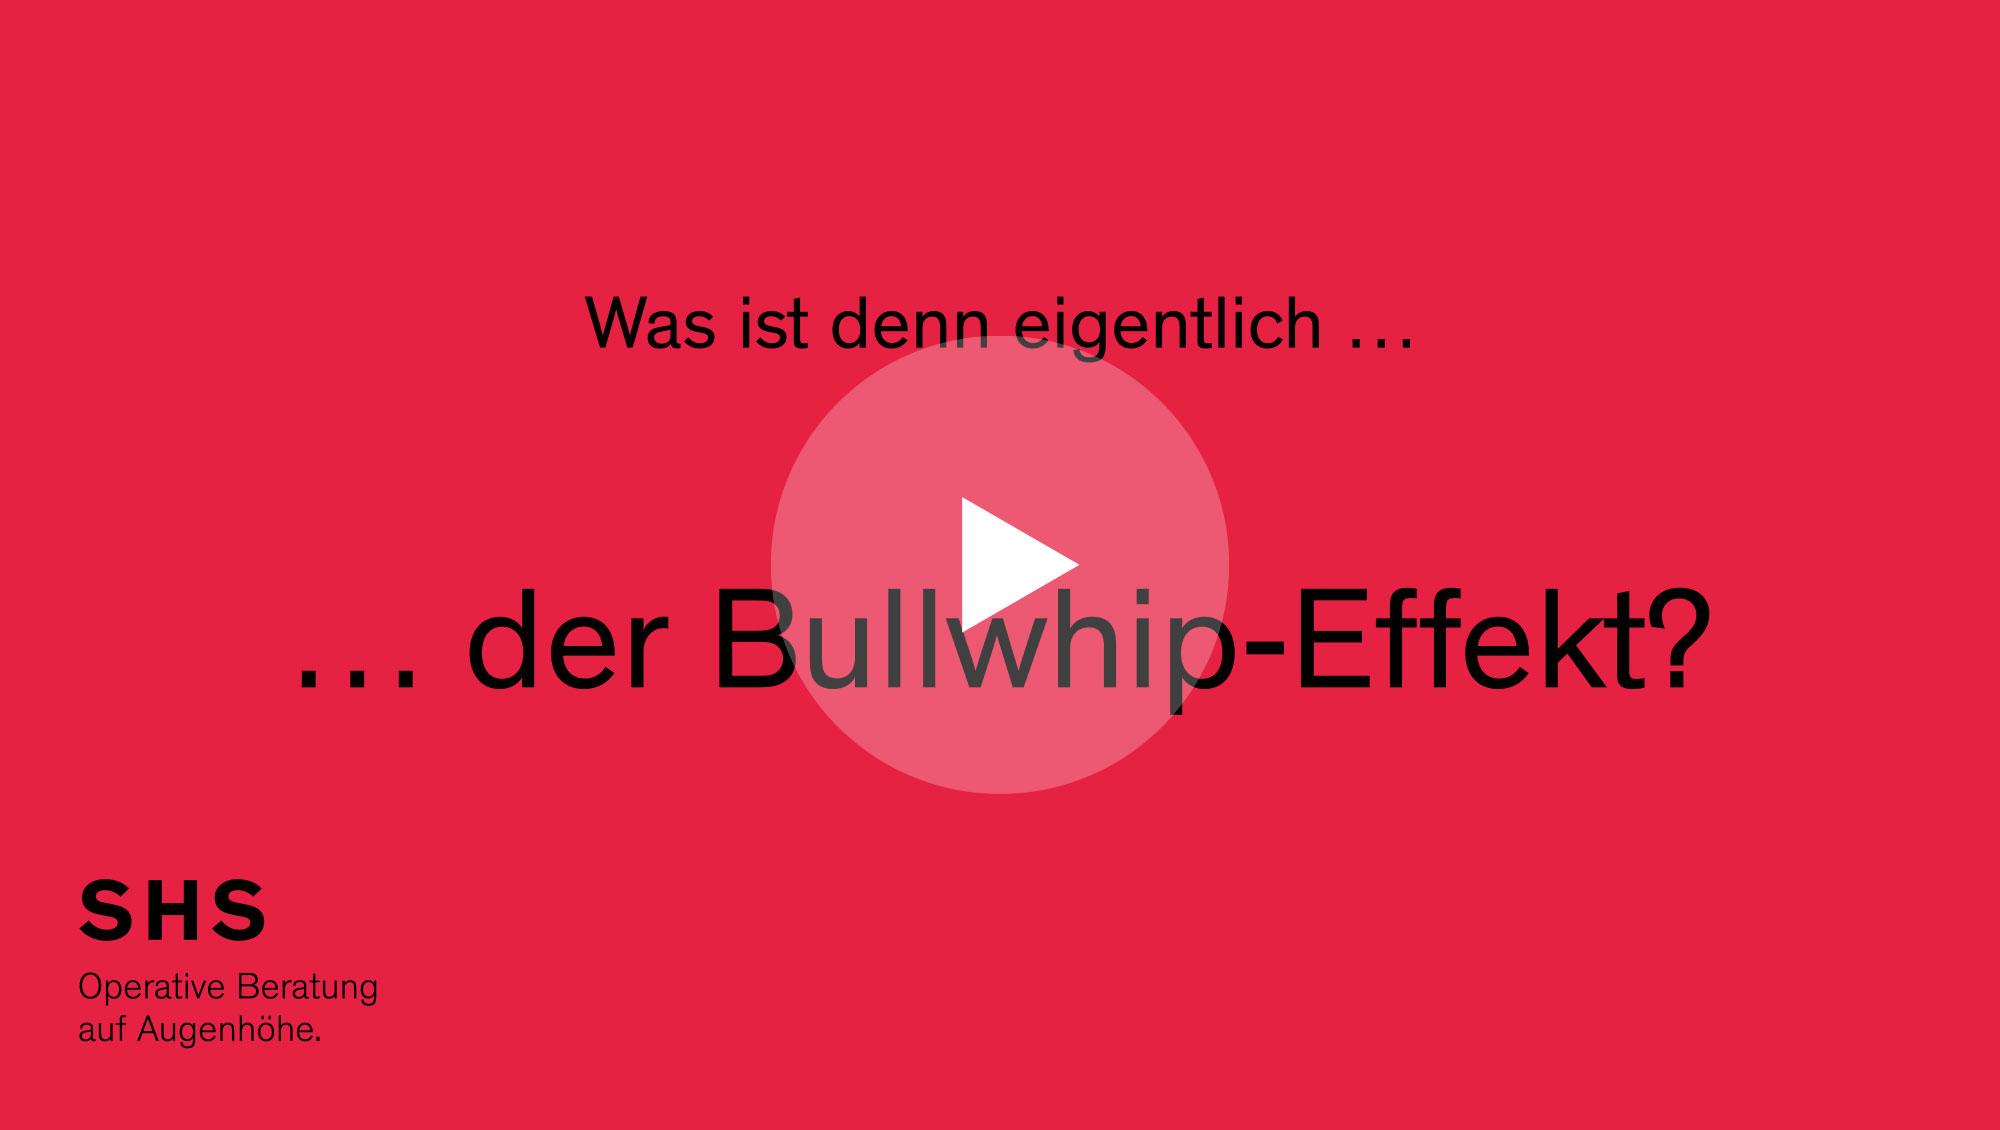 Bullwhip-Effekt